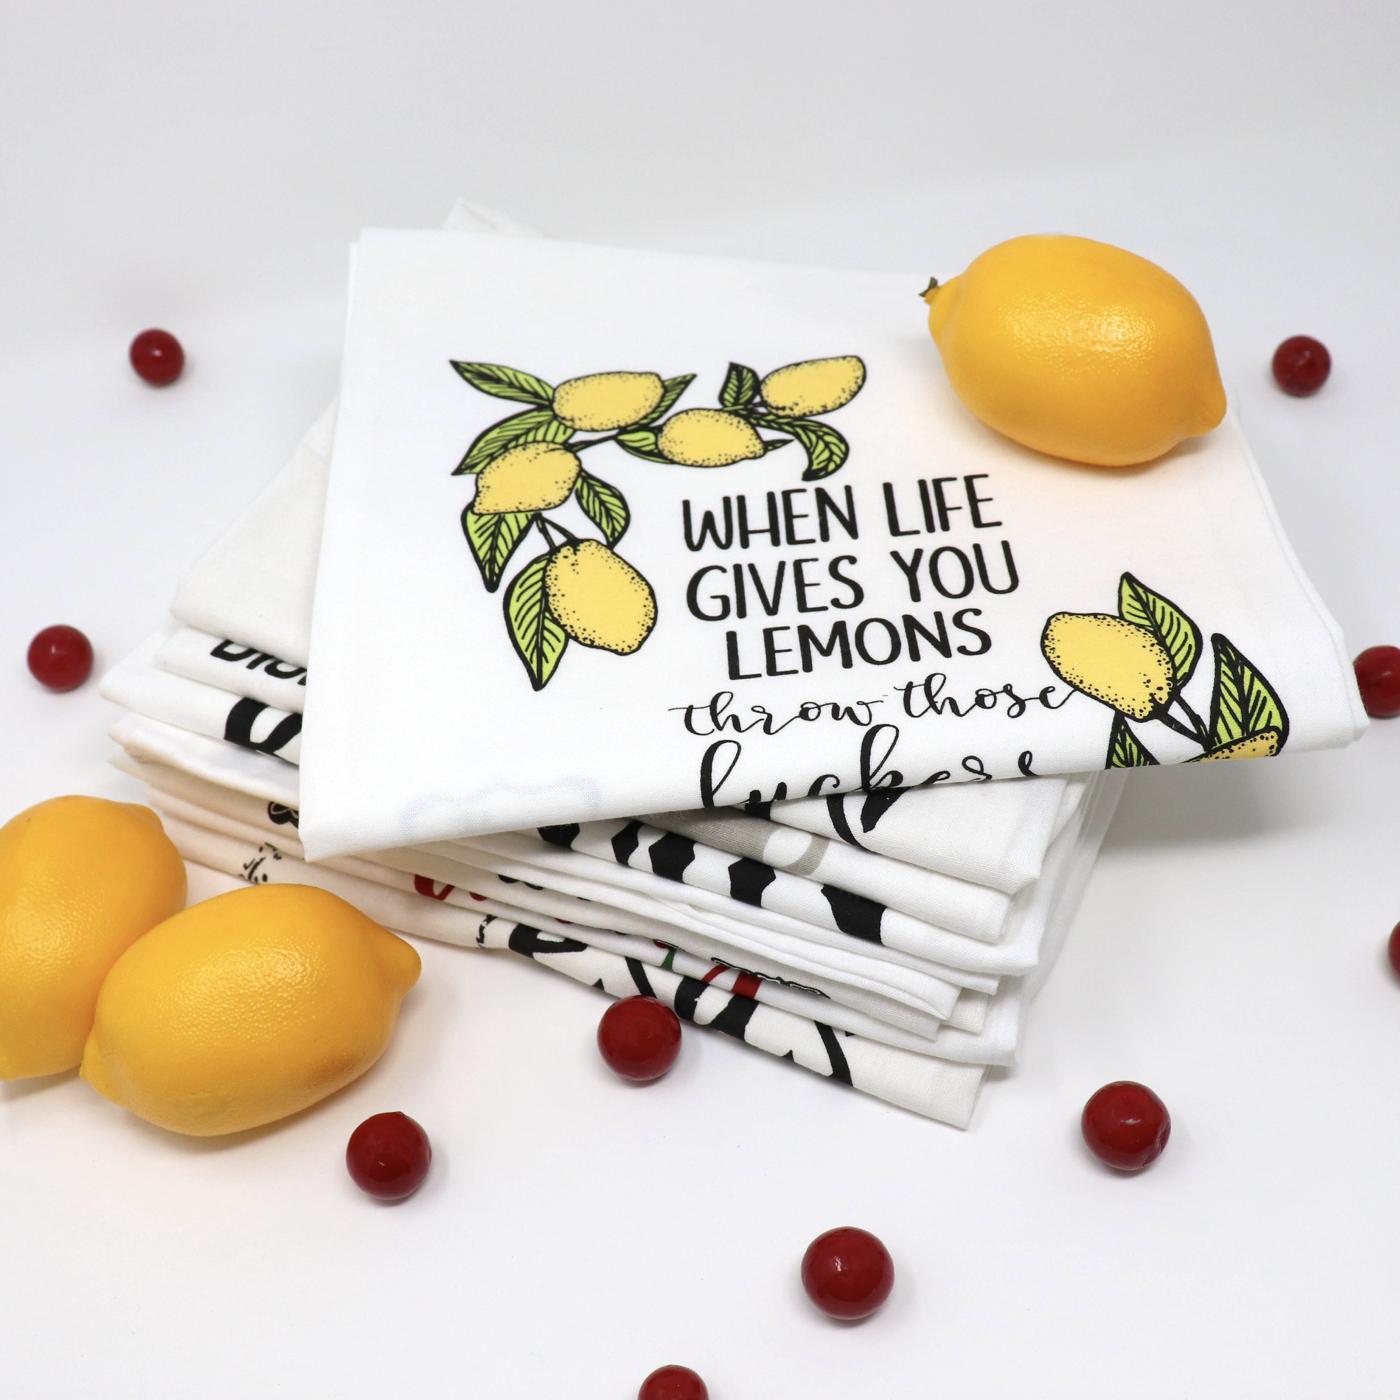 When Life Gives Lemons - Towel